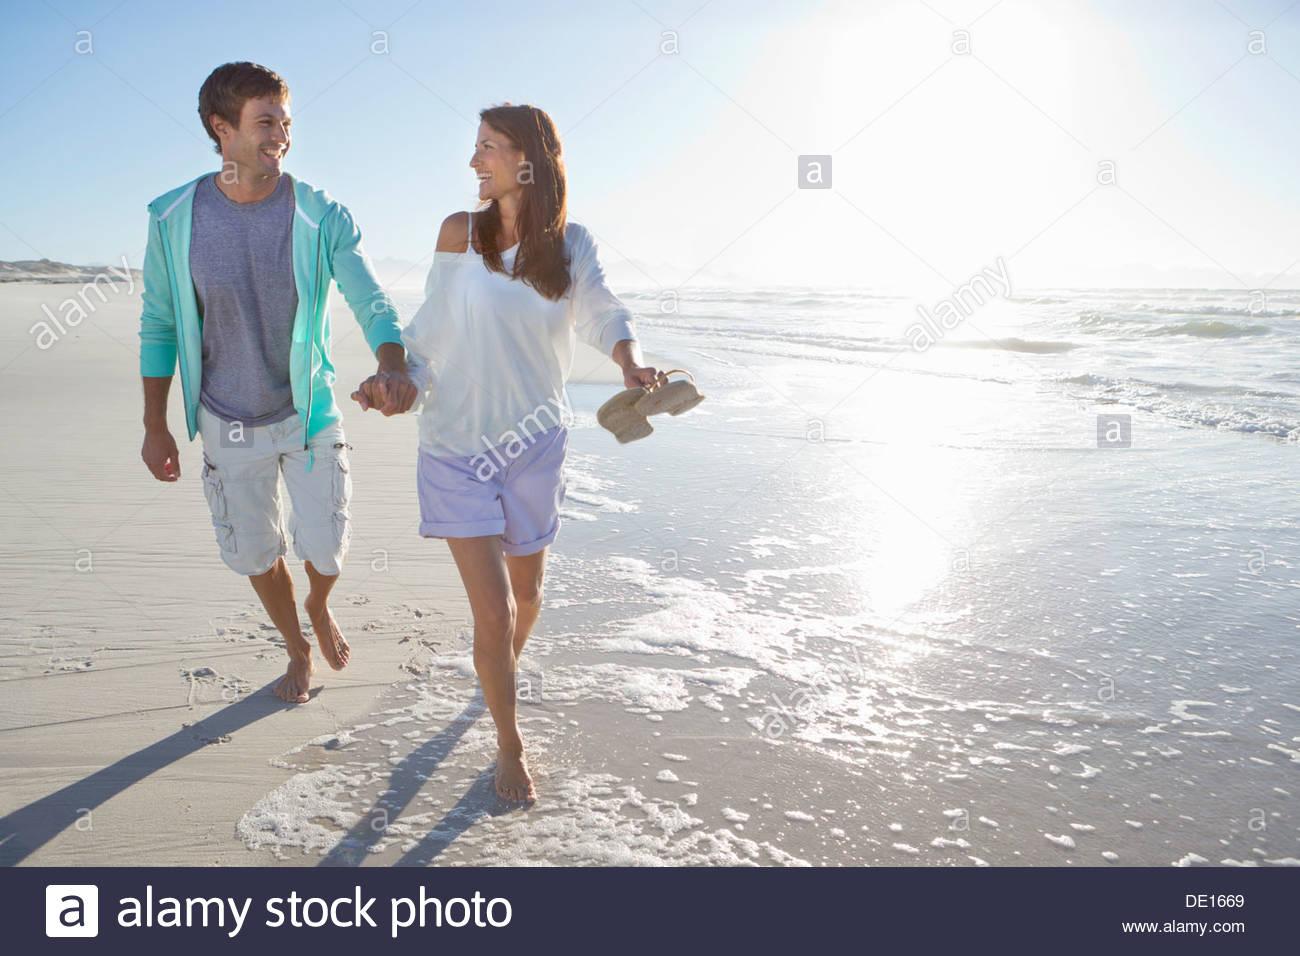 Coppia felice tenendo le mani e correre a piedi nudi sulla spiaggia Sunny Beach Immagini Stock